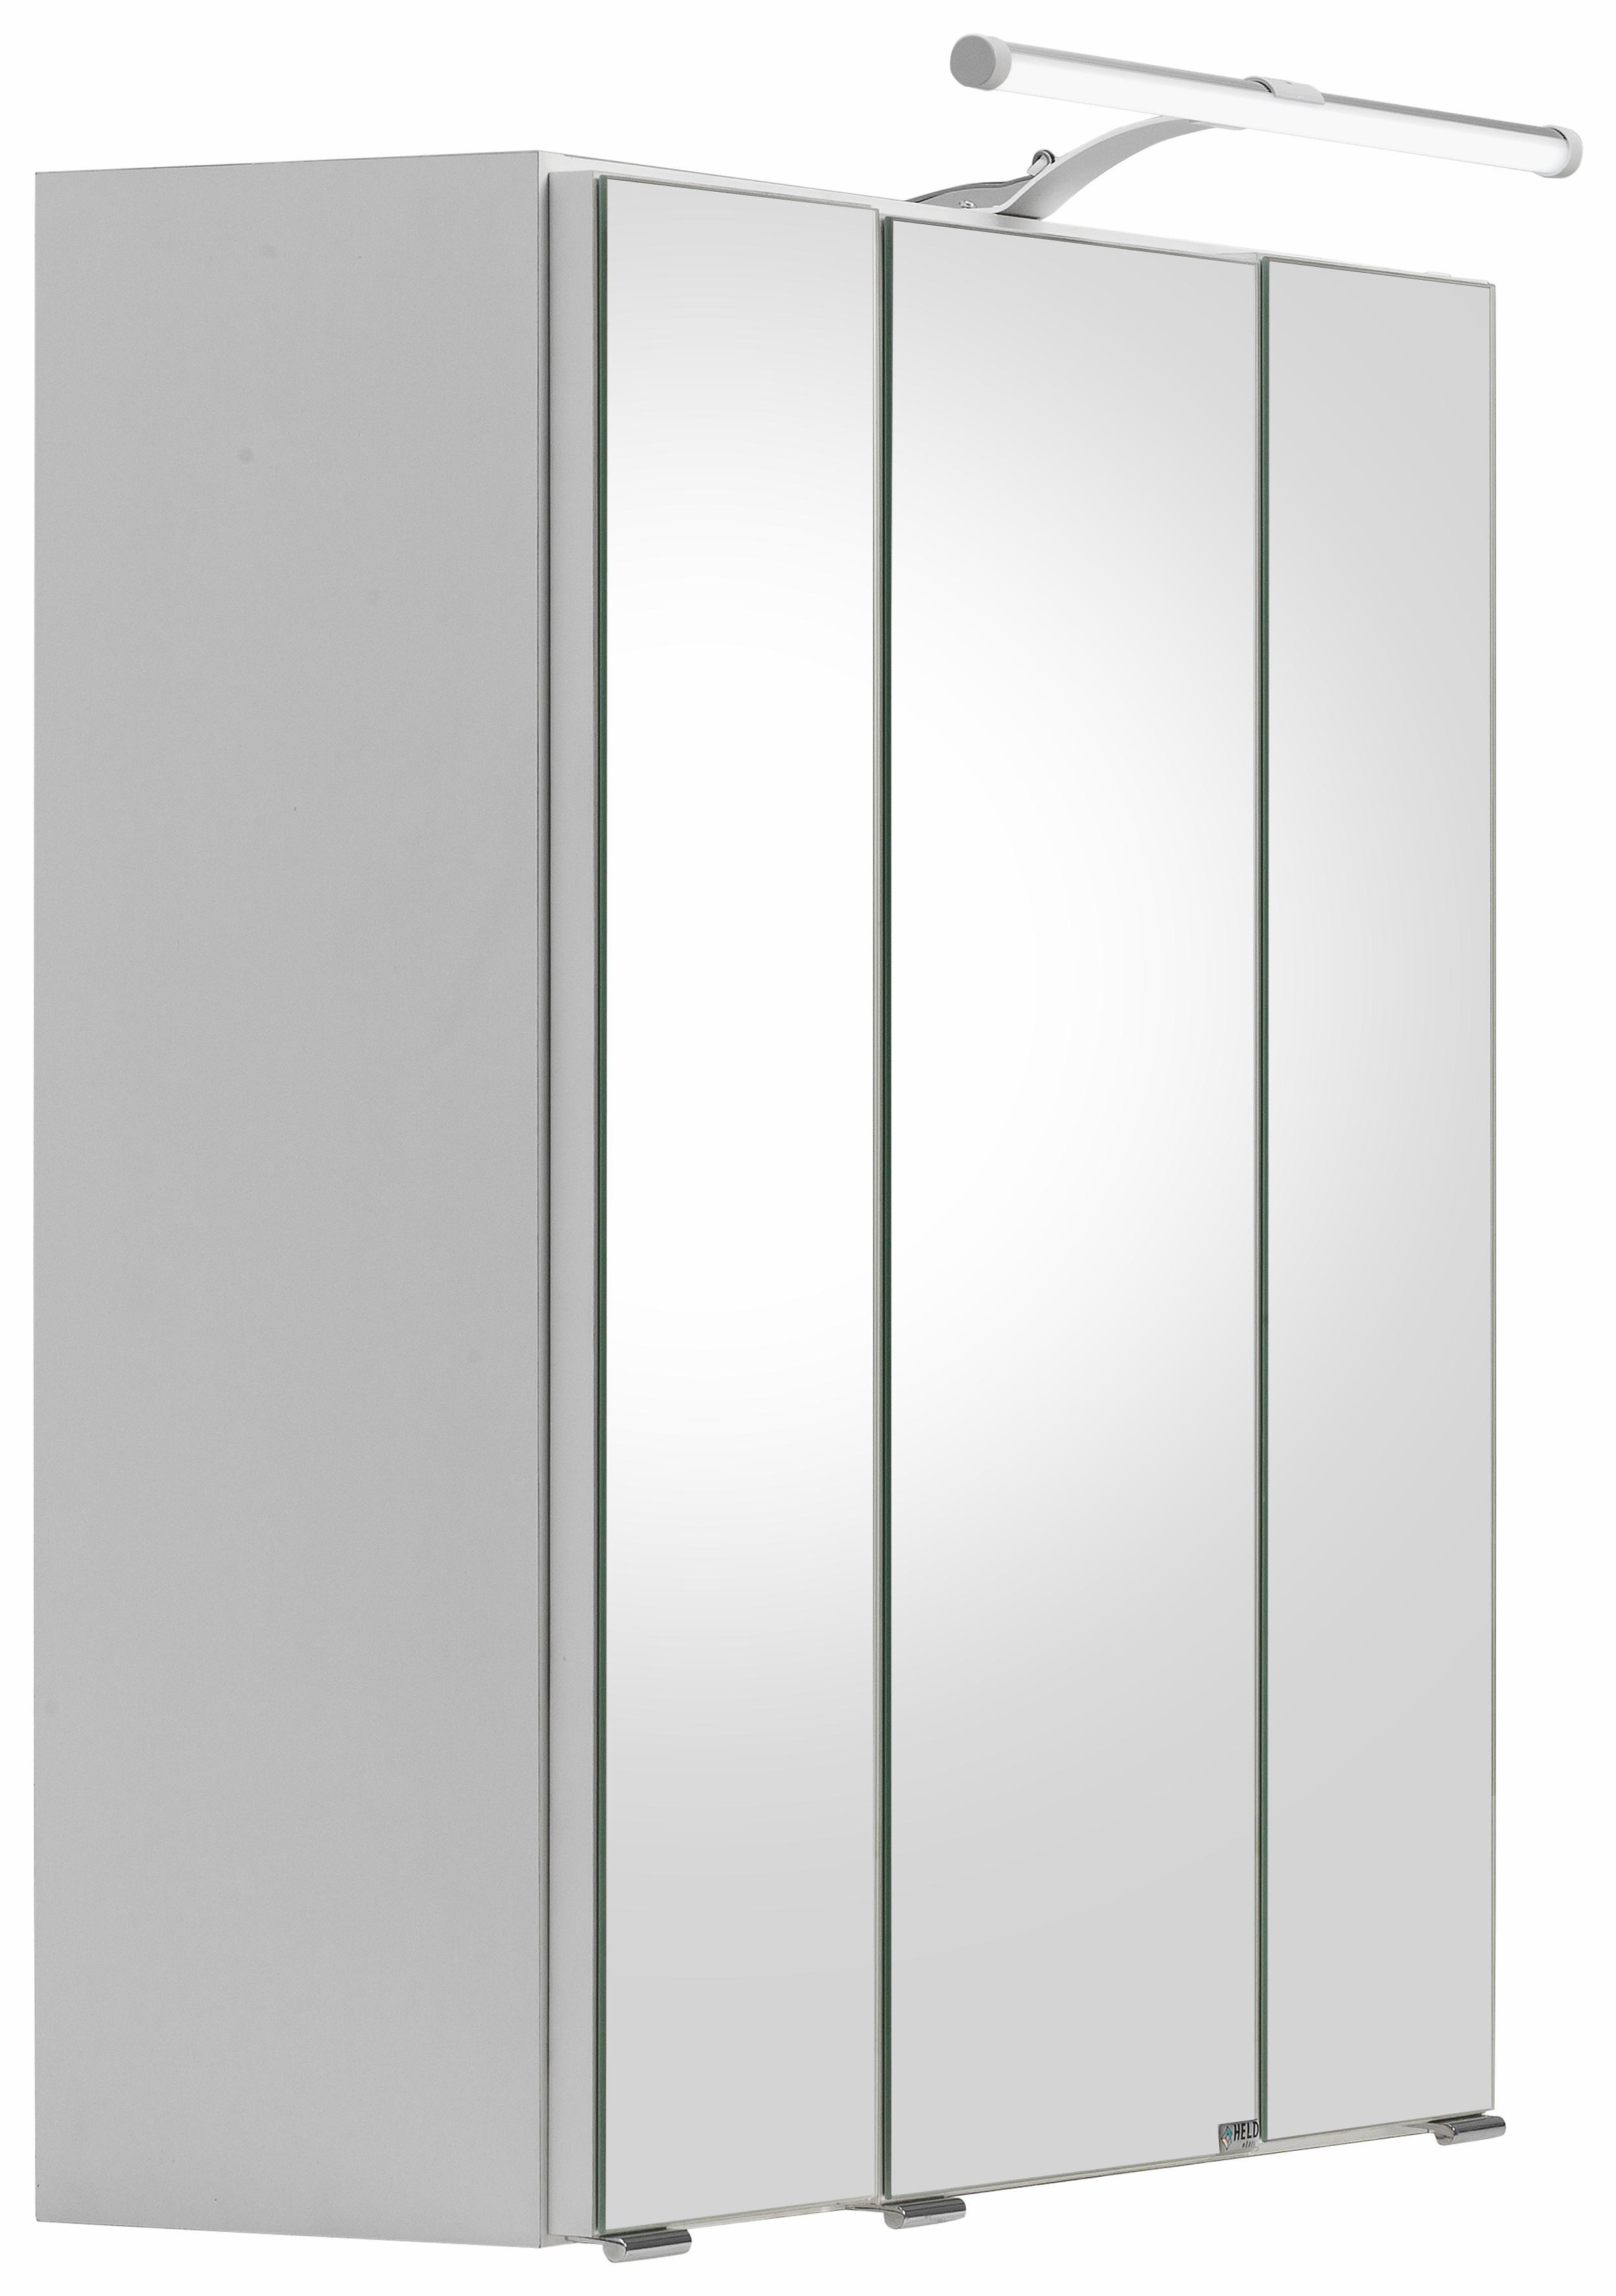 held moebel spiegelkast portofino met led verlichting wit